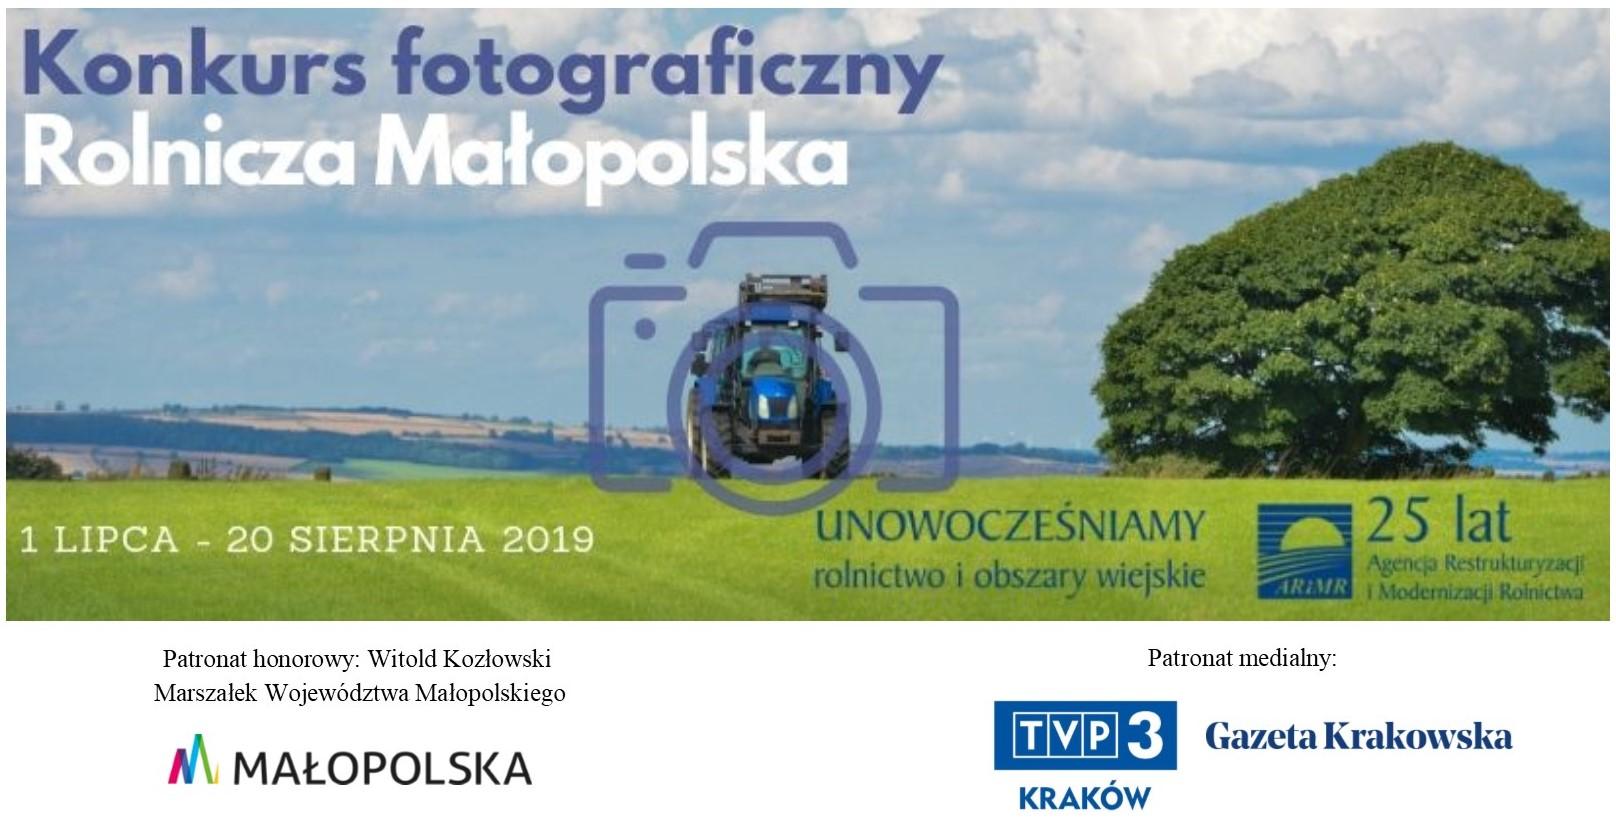 konkurs fotograficzny plakat promujący wydarzenie